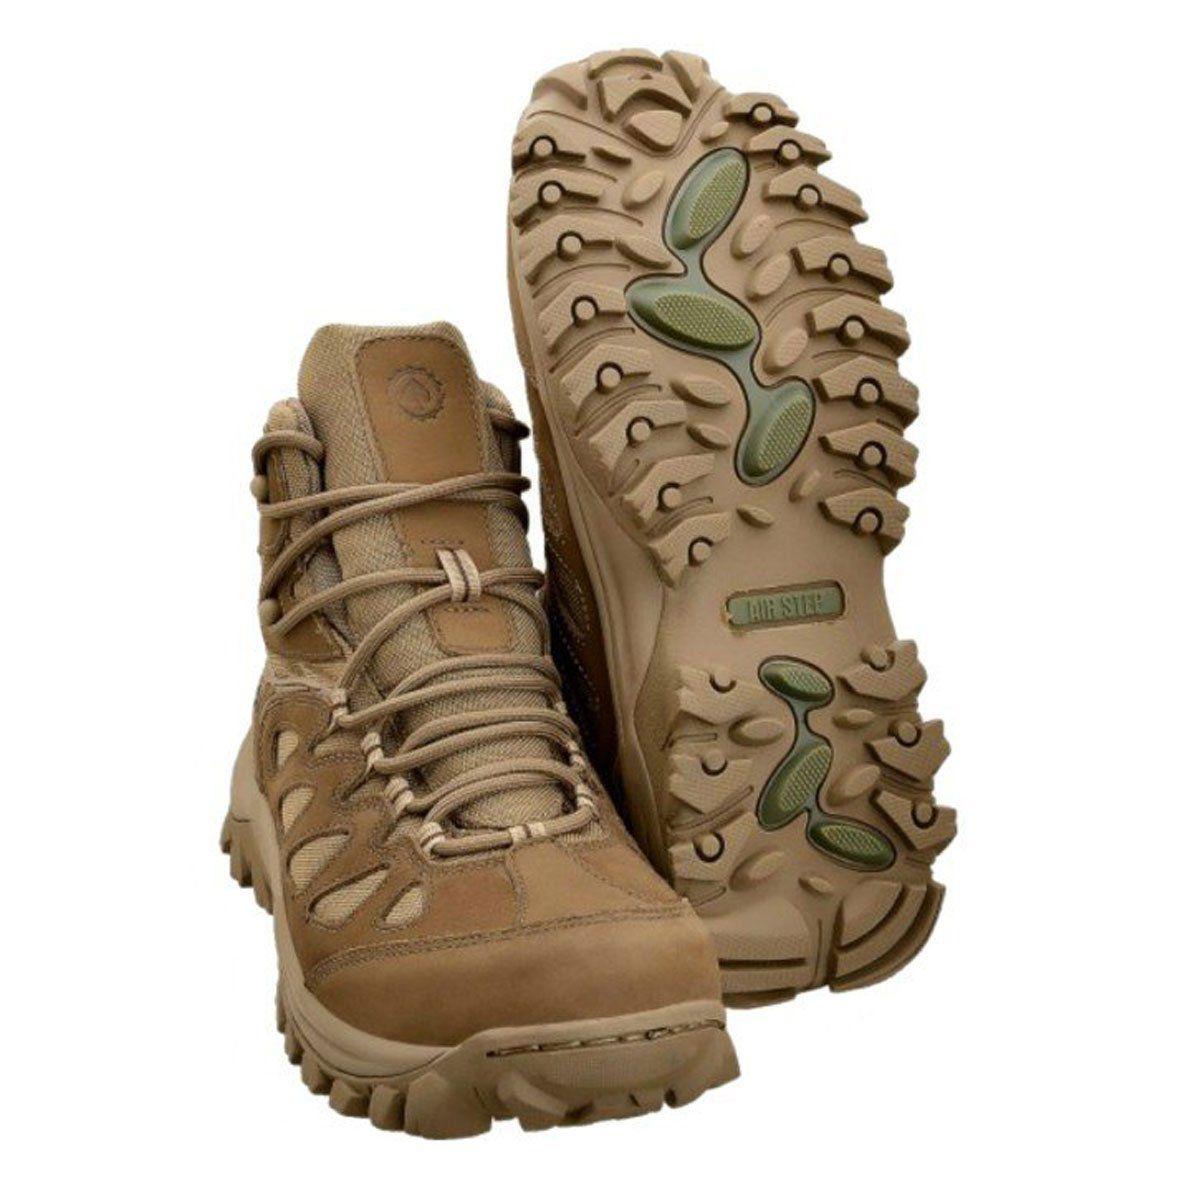 Bota Airstep 5700-35 Hiking Boot Bravo 10 Coyote